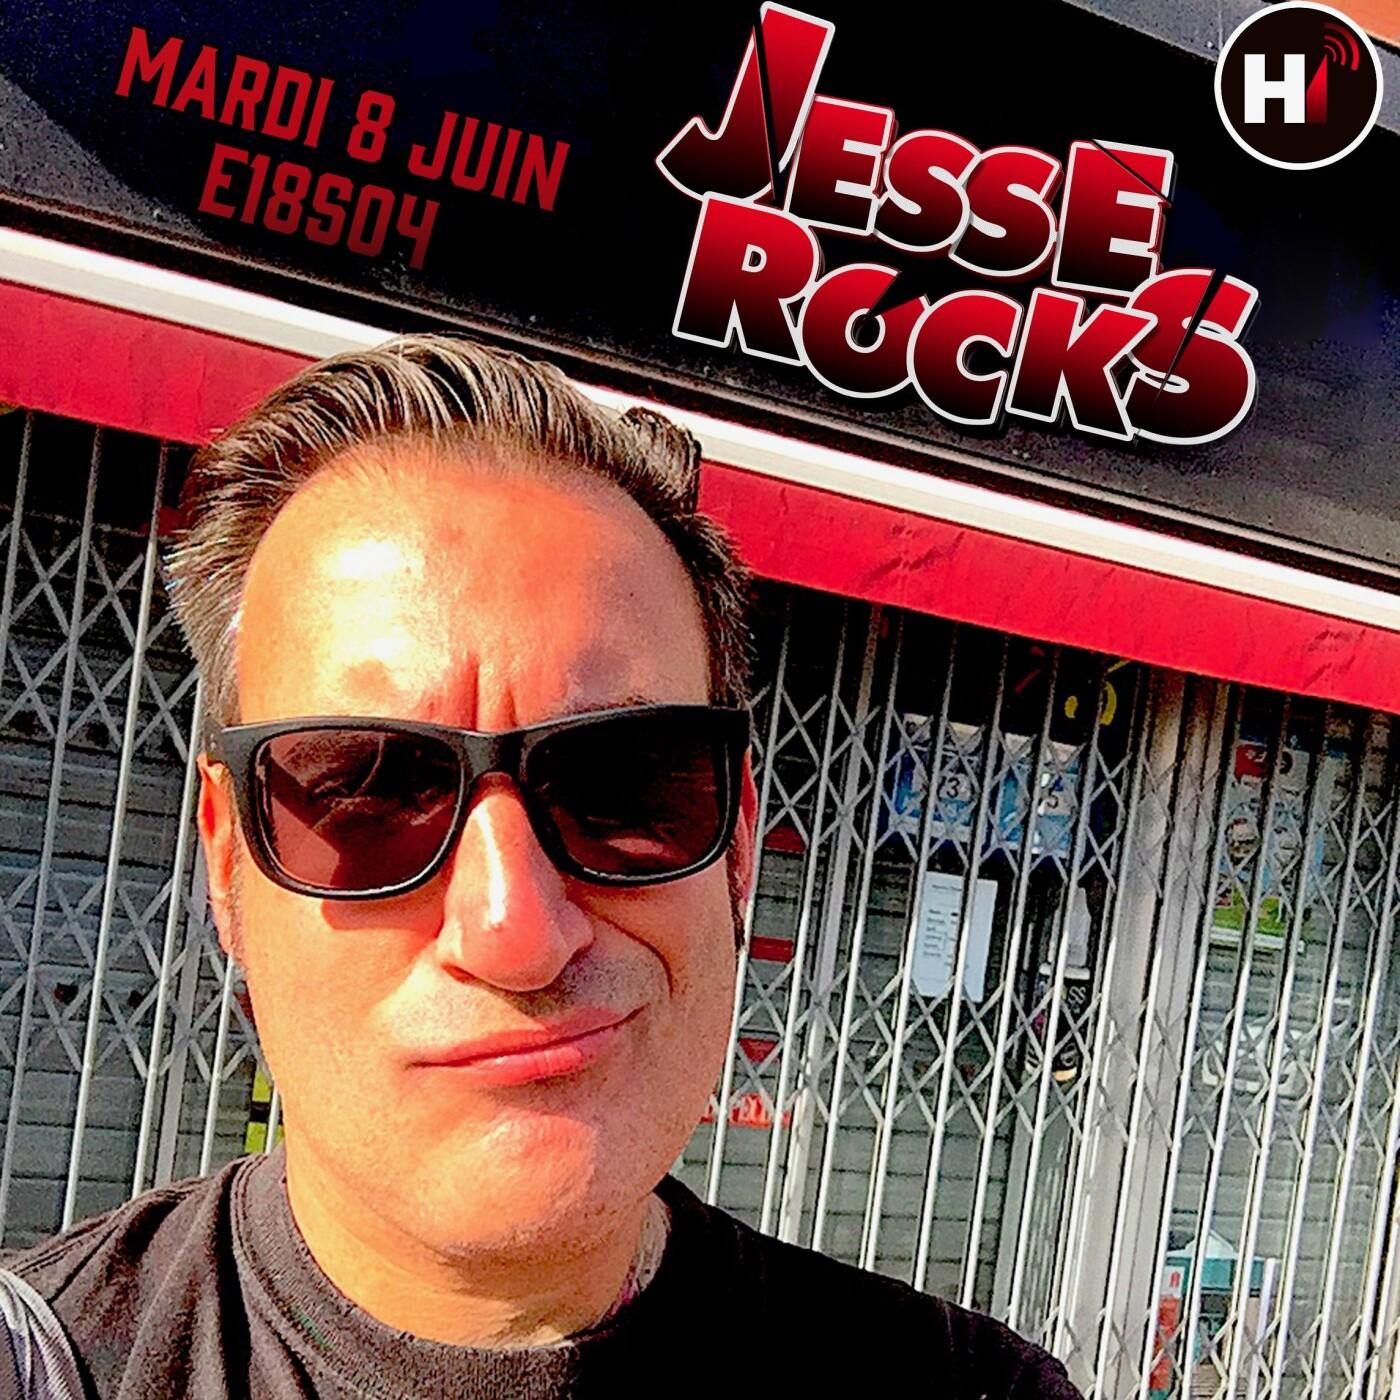 Jesse Rocks #18 Saison 4